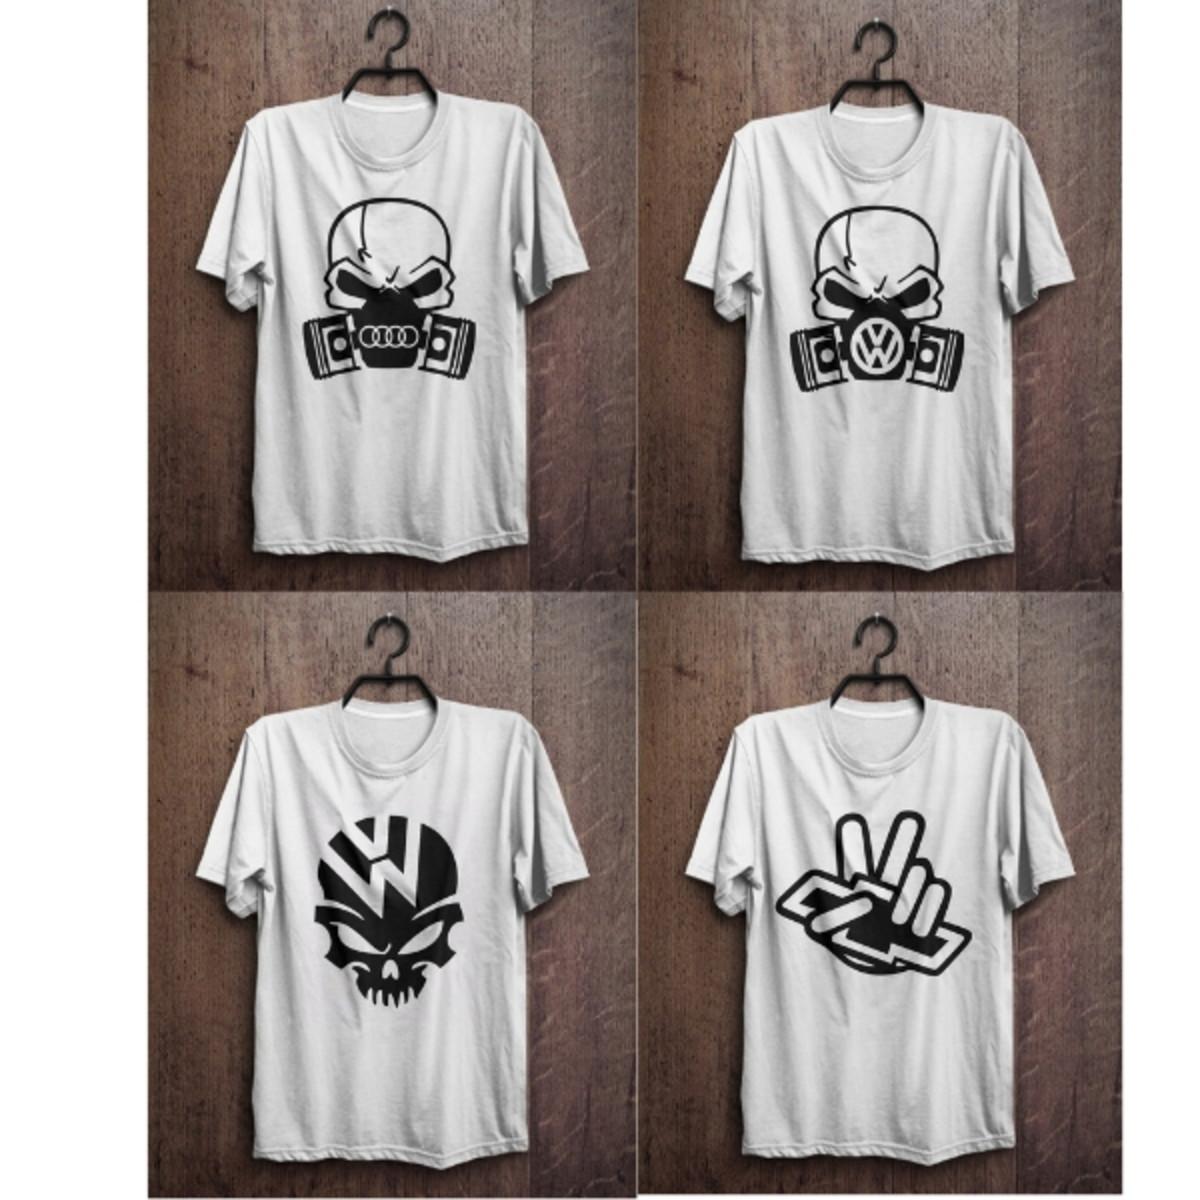 3b8fe43b18107 kit camiseta masculina com marca de carros feita em silk no Elo7 ...